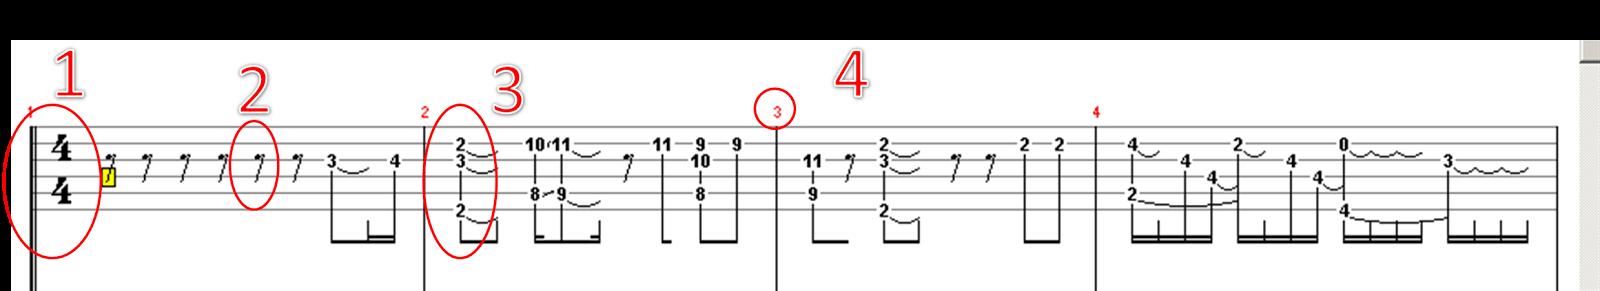 Cara Mudah Membaca Tab Gitar part 2